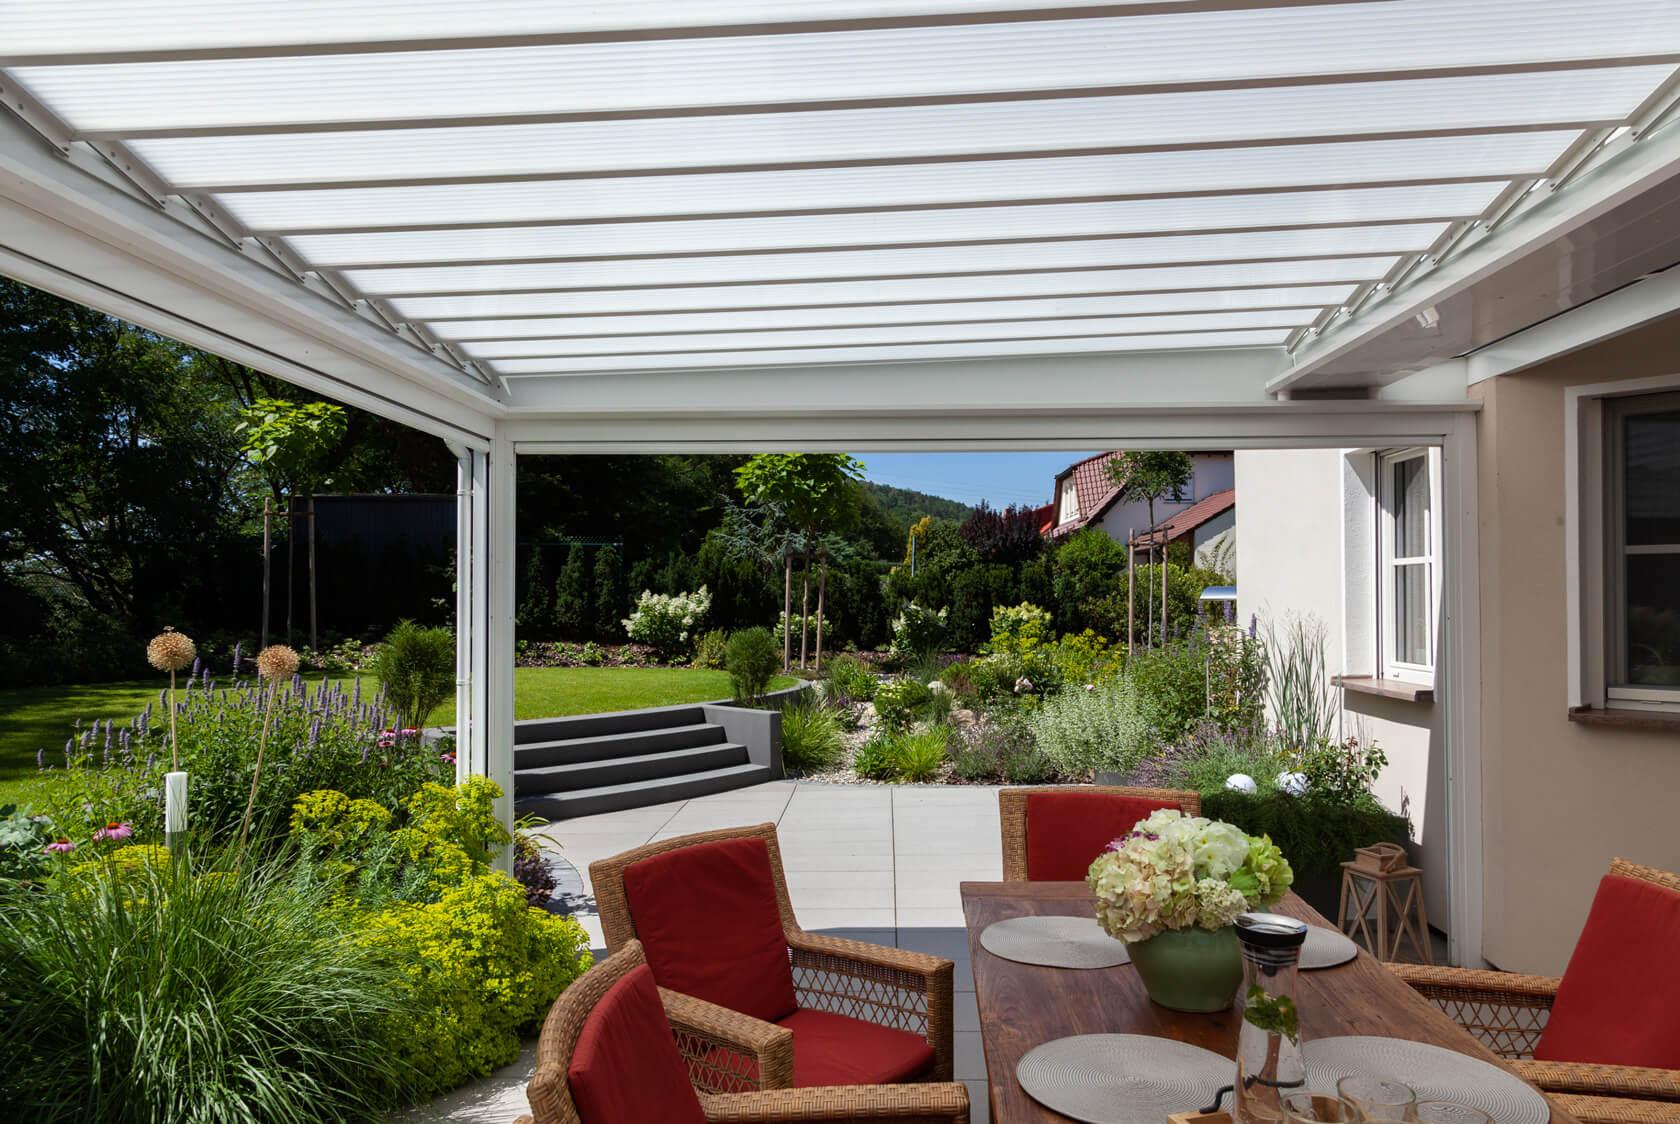 Die Terrasse hat einn überdachten Sitzbereich und erstreckt sich bis zur Außentreppe, die auf die höher gelegene Rasenfläche führt.